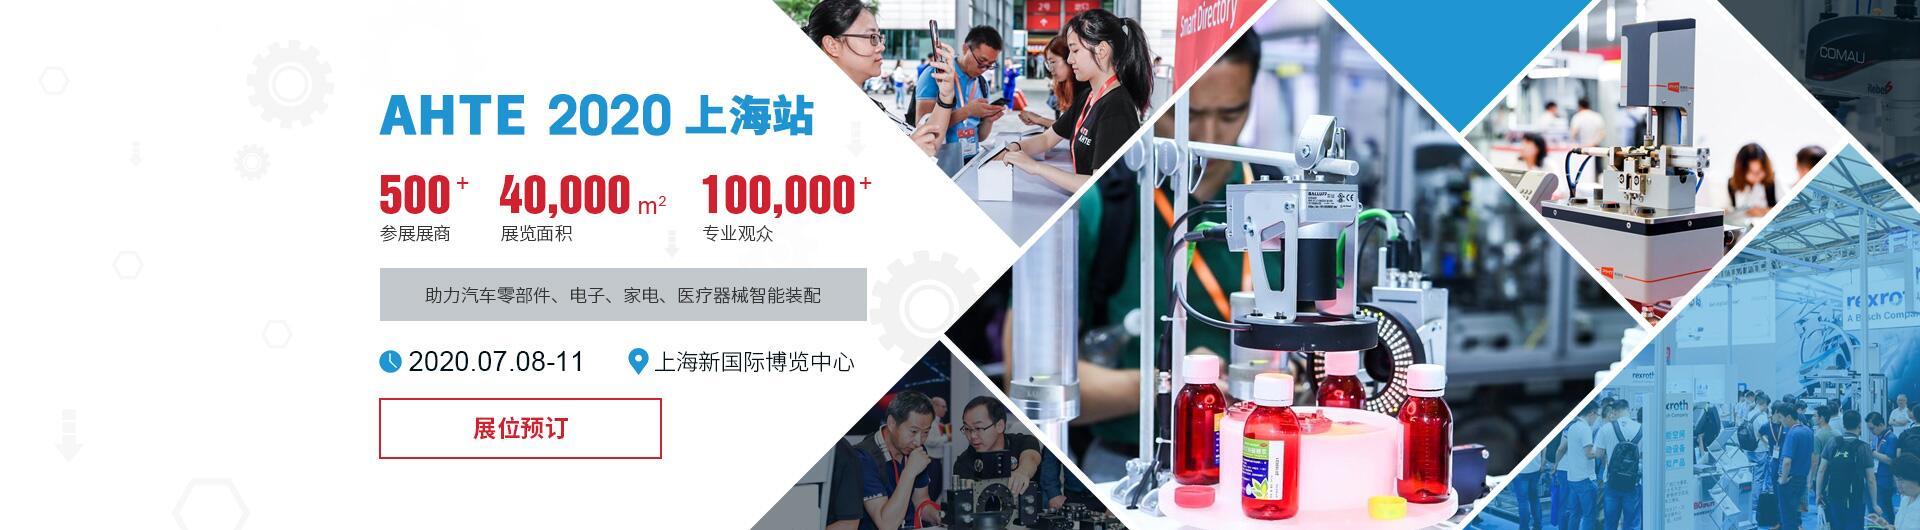 AHTE 2020 上海启动